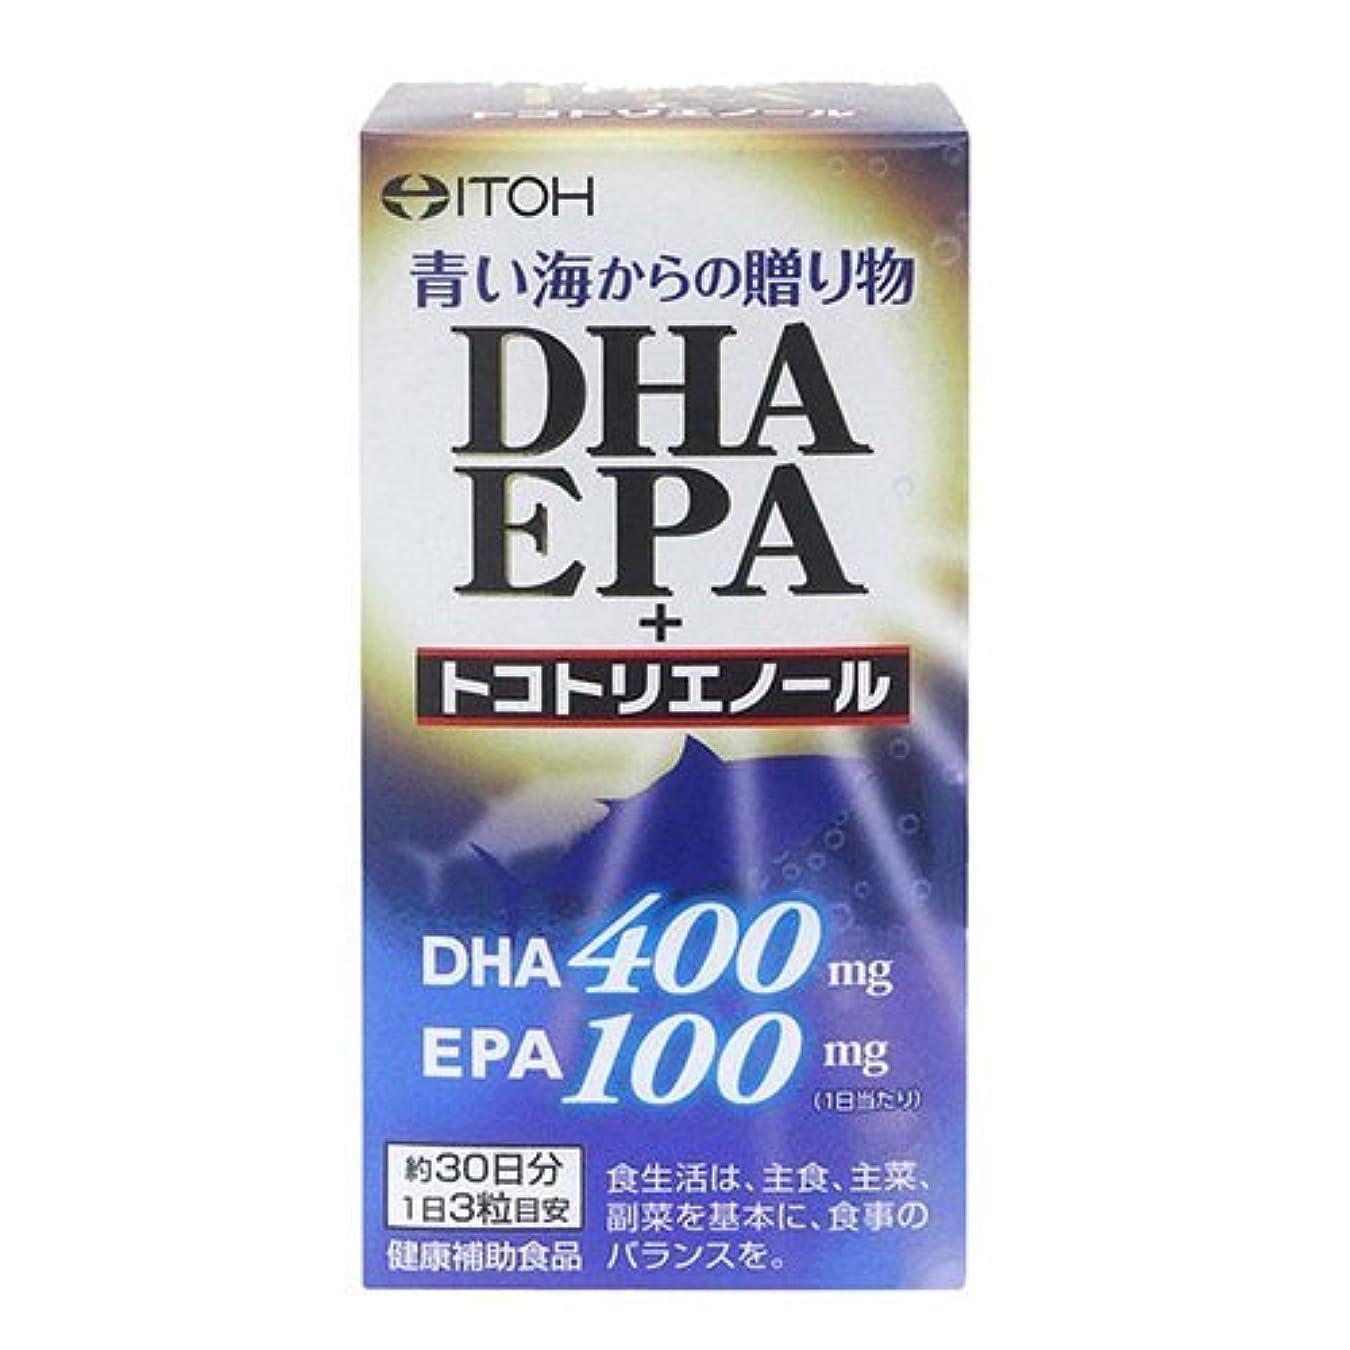 井藤漢方製薬 DHA EPA+トコトリエノール 約30日分 90粒 Japan